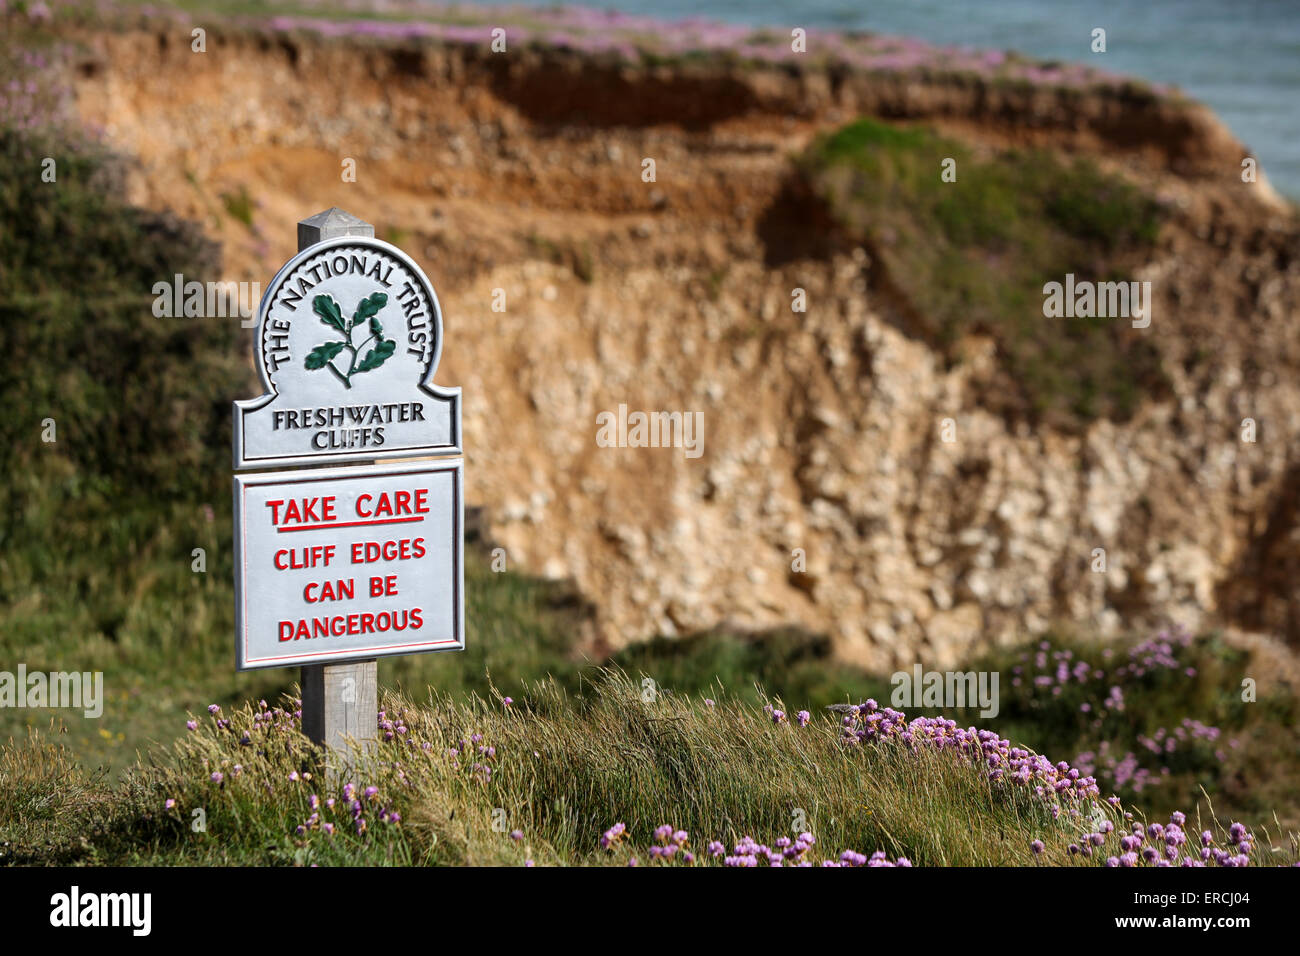 Inscrivez-vous à l'eau douce et d'eau douce falaises falaises d'avertissement de la baie peut être dangereux Banque D'Images